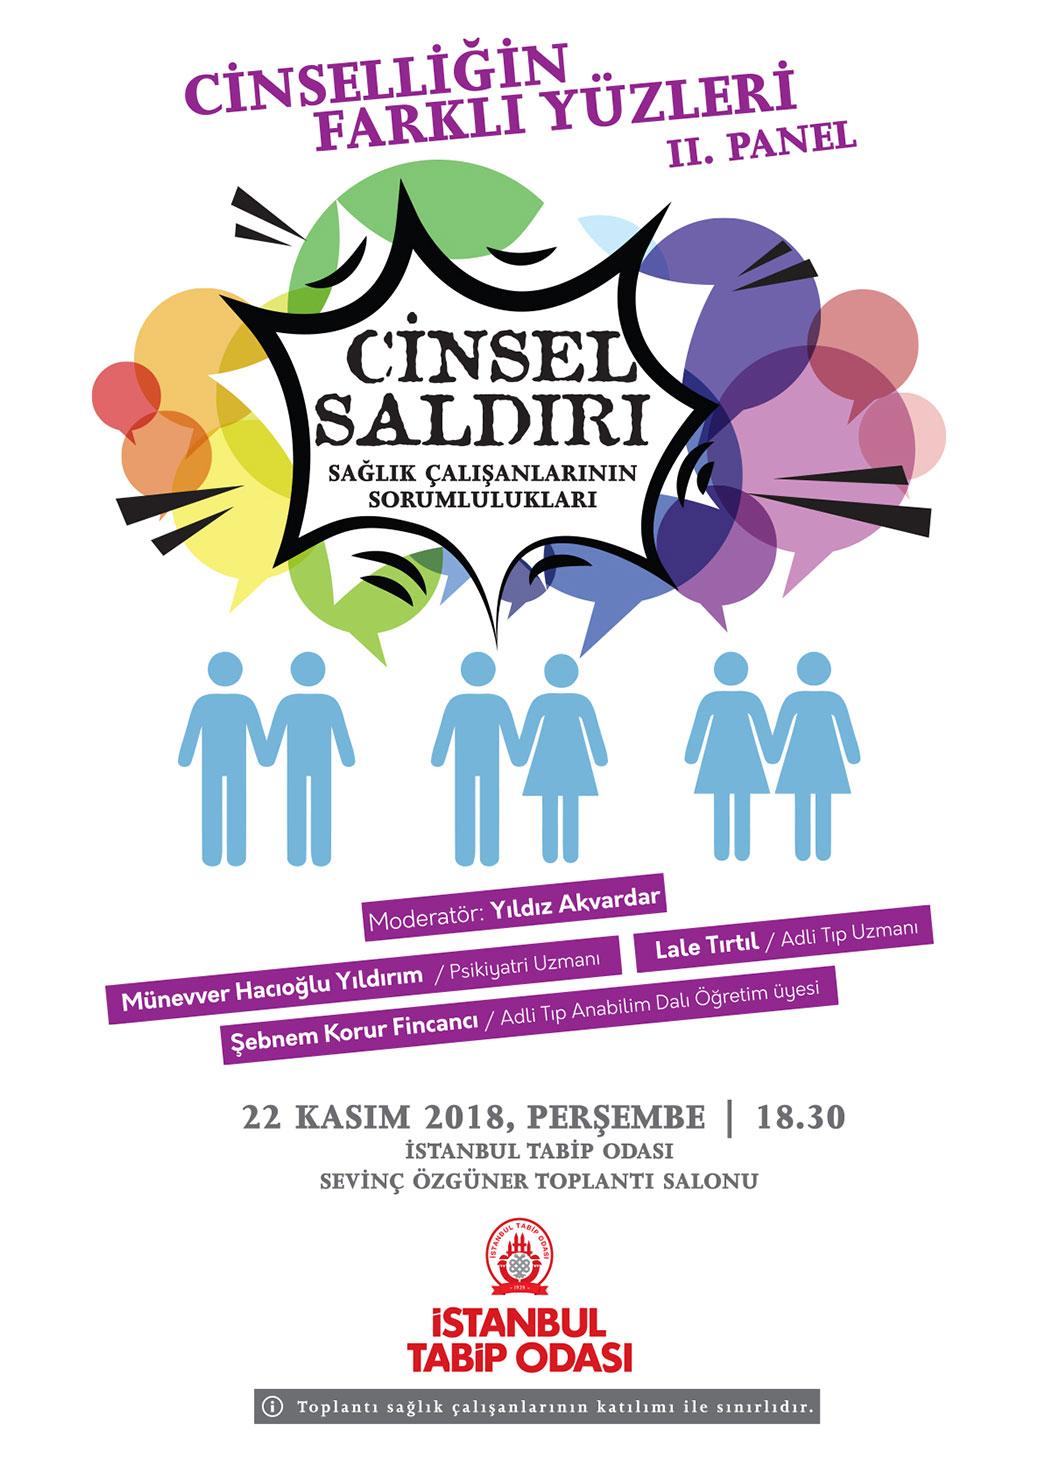 Cinselliği Konuşuyoruz Panel Dizisi 2: Cinsel Saldırı; Sağlık Çalışanlarının Sorumlulukları